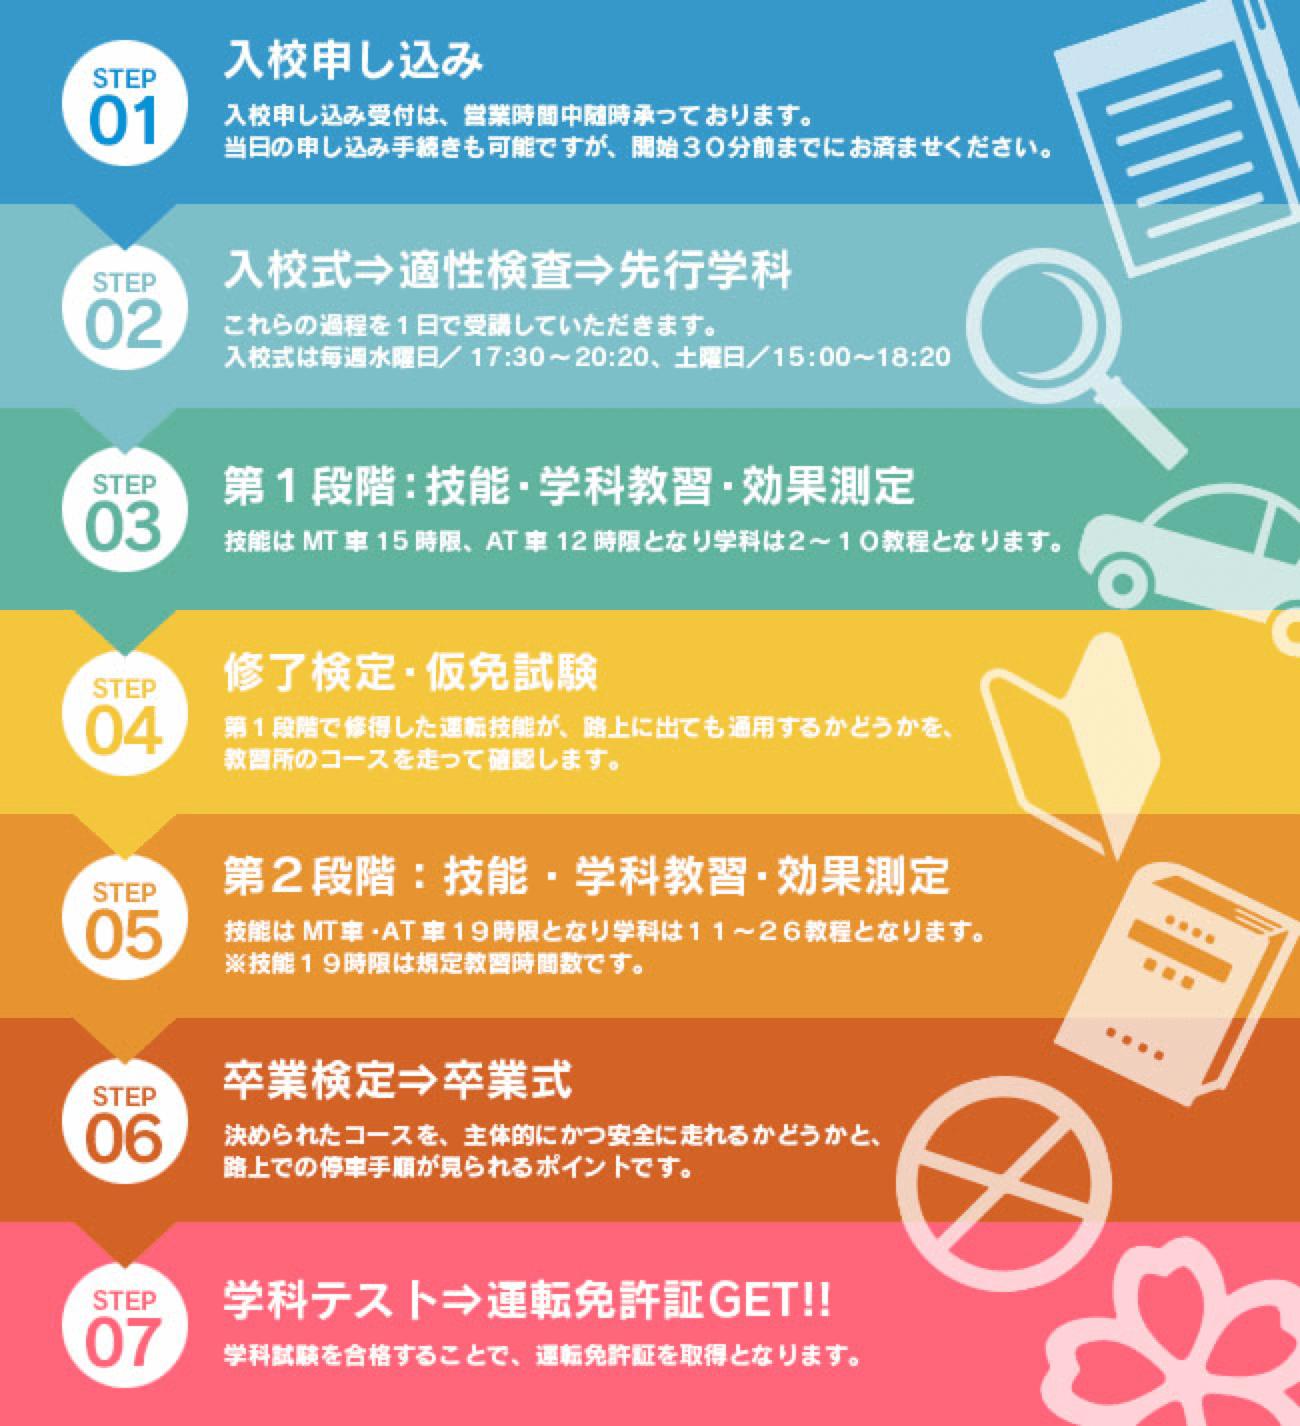 ご入校から卒業まで | 三陽自動車学校 | 熊本県生徒数NO.1の自動車学校 ...